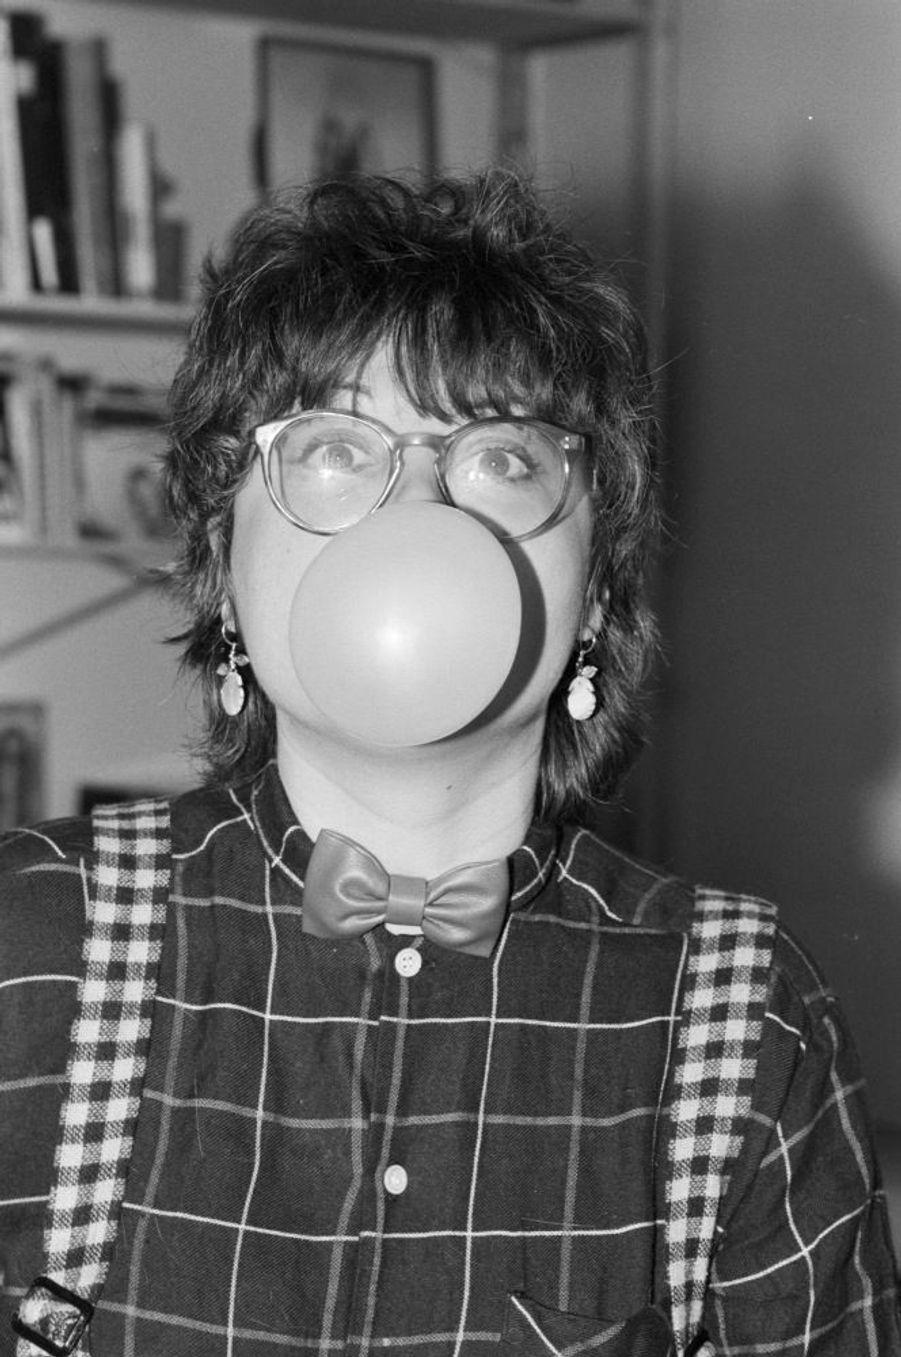 """Josiane Balasko chez elle à Paris le 11 décembre 1981, lors de son premier rendez-vous avec Match à l'occasion de la sortie de son film """"Les hommes préfèrent les grosses""""."""